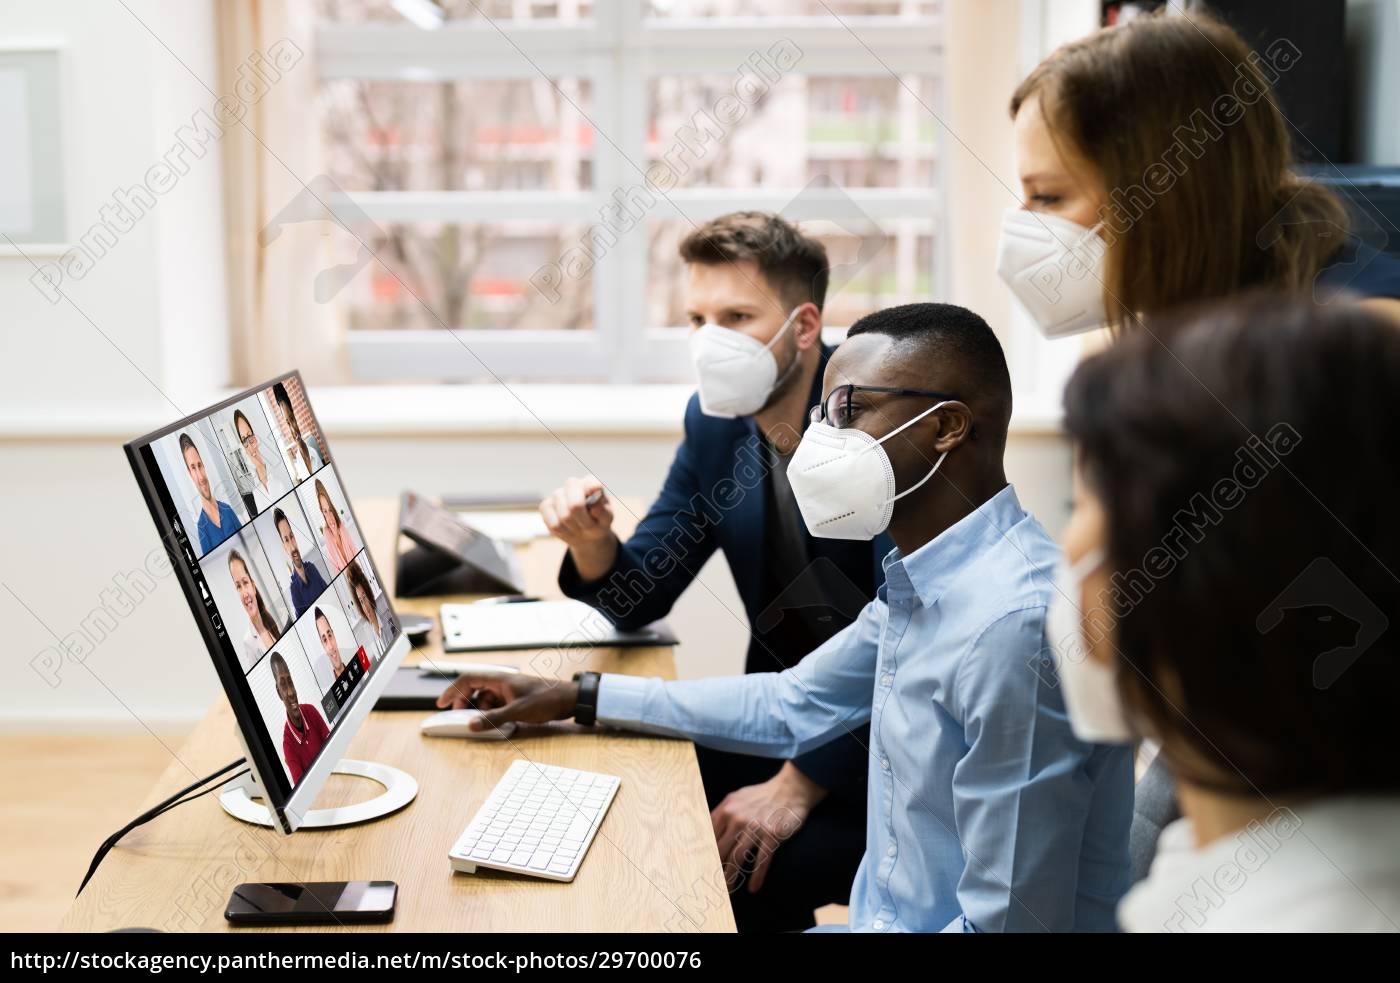 videoconferência, chamada, em, reunião, de, negócios - 29700076